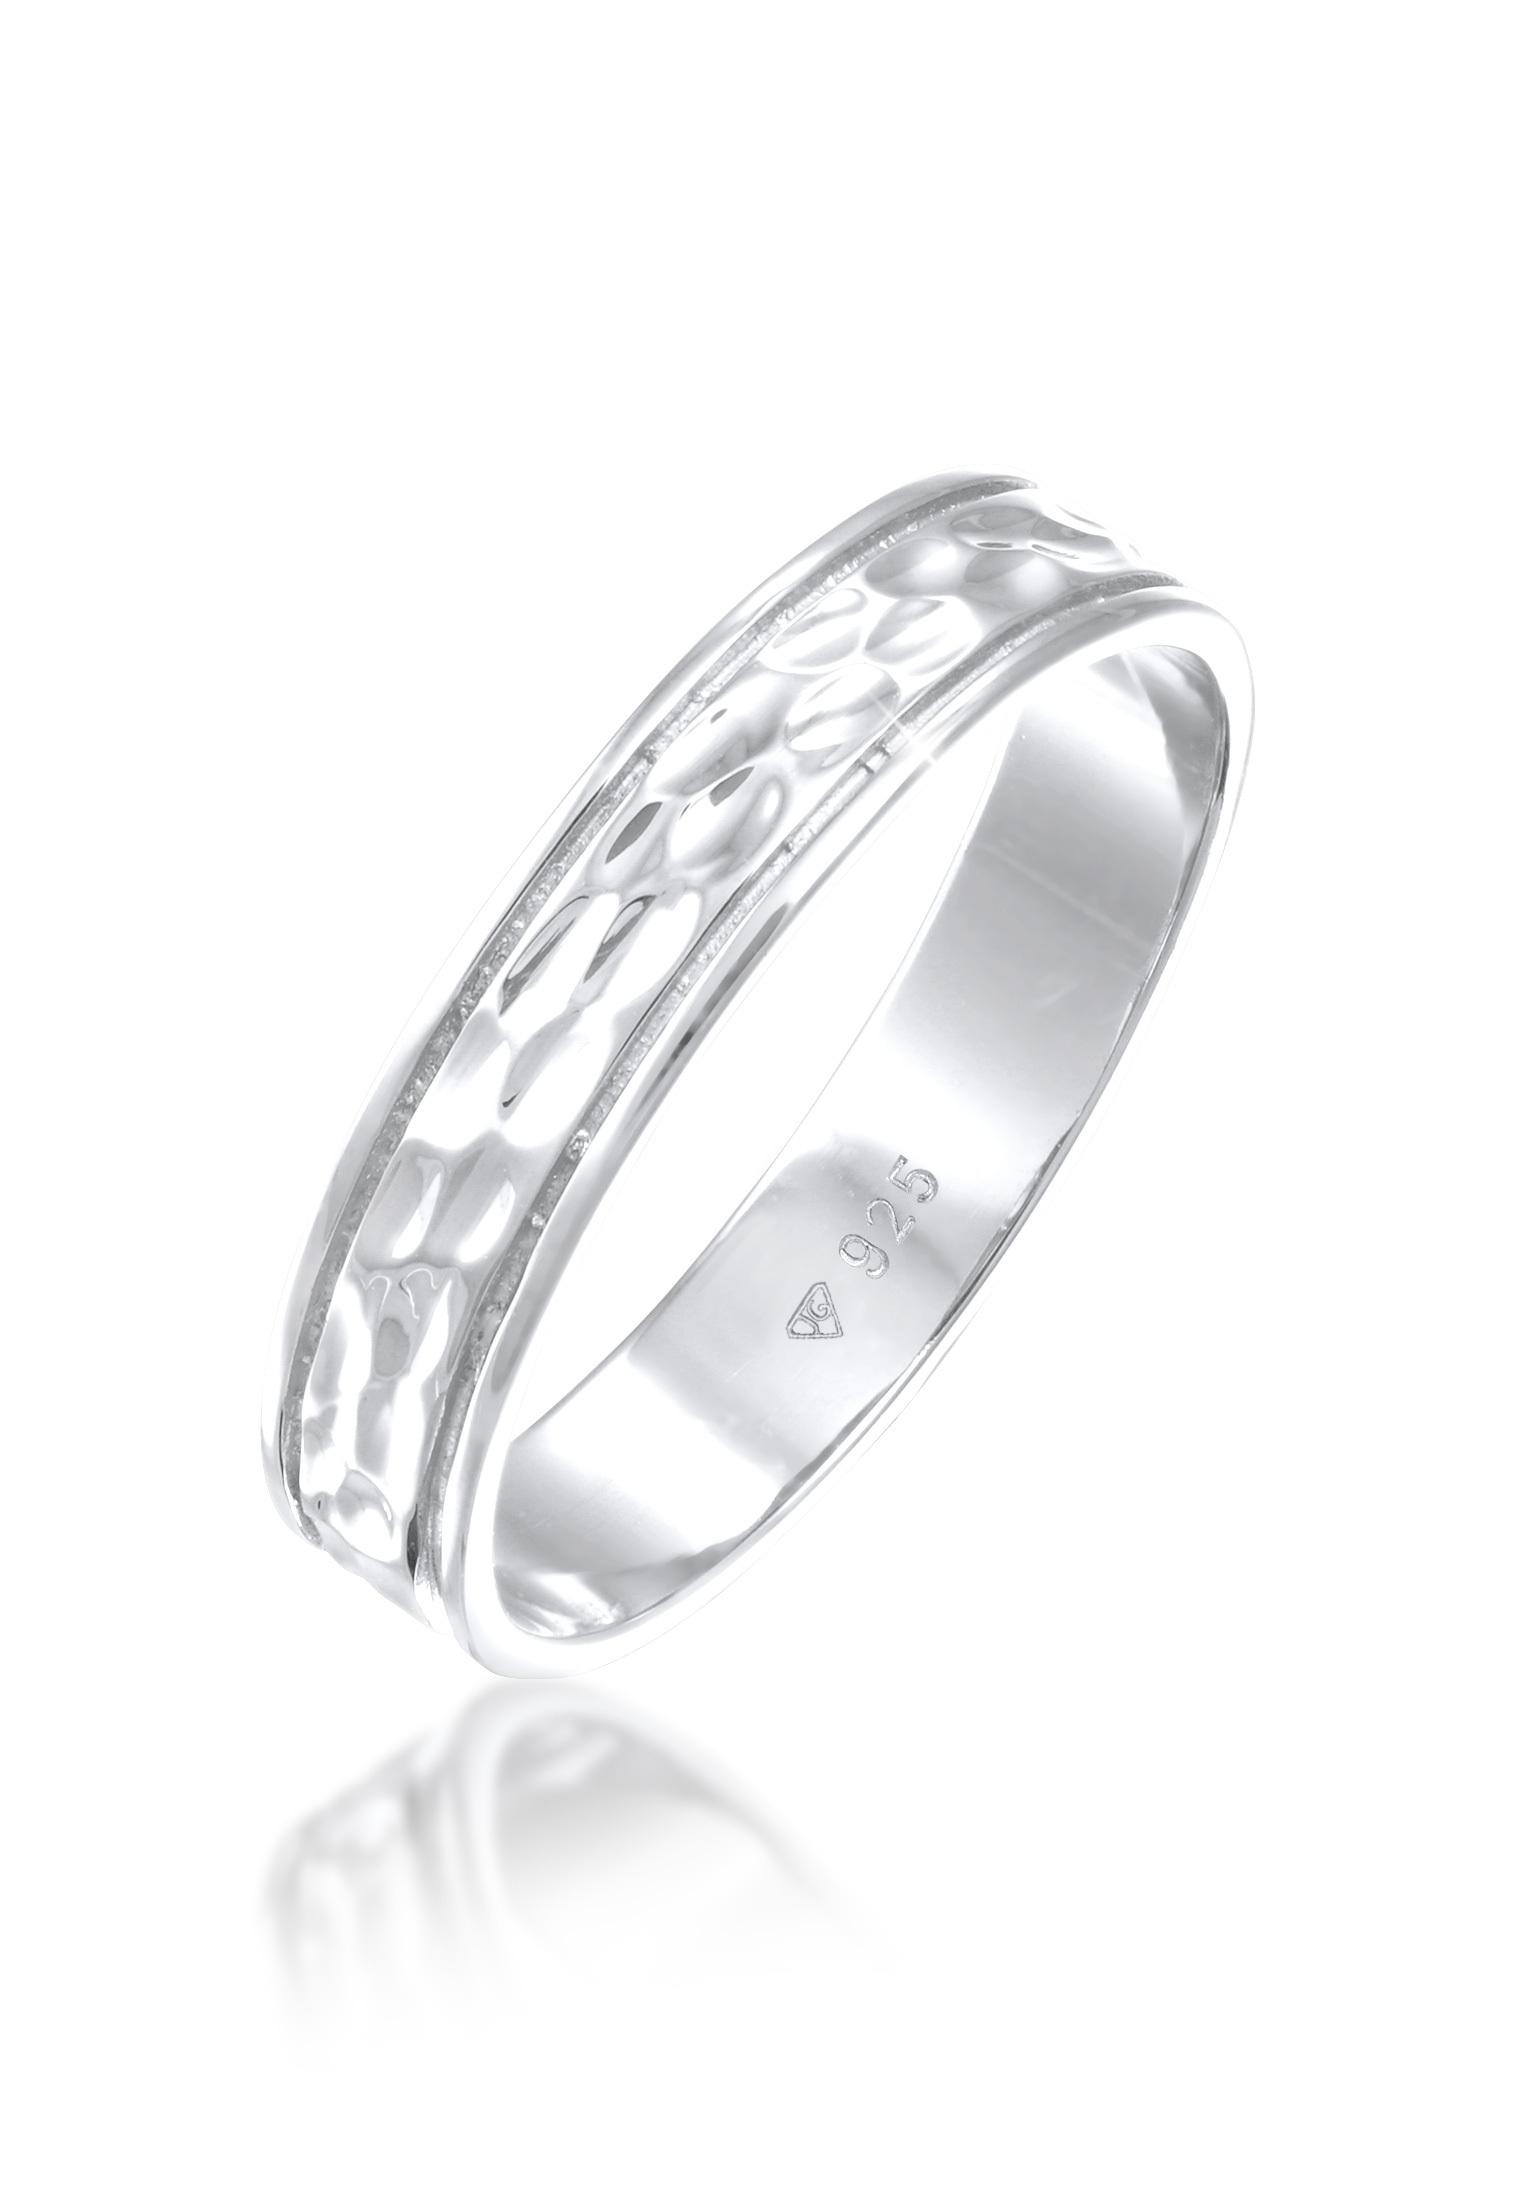 Bandring | 925er Sterling Silber